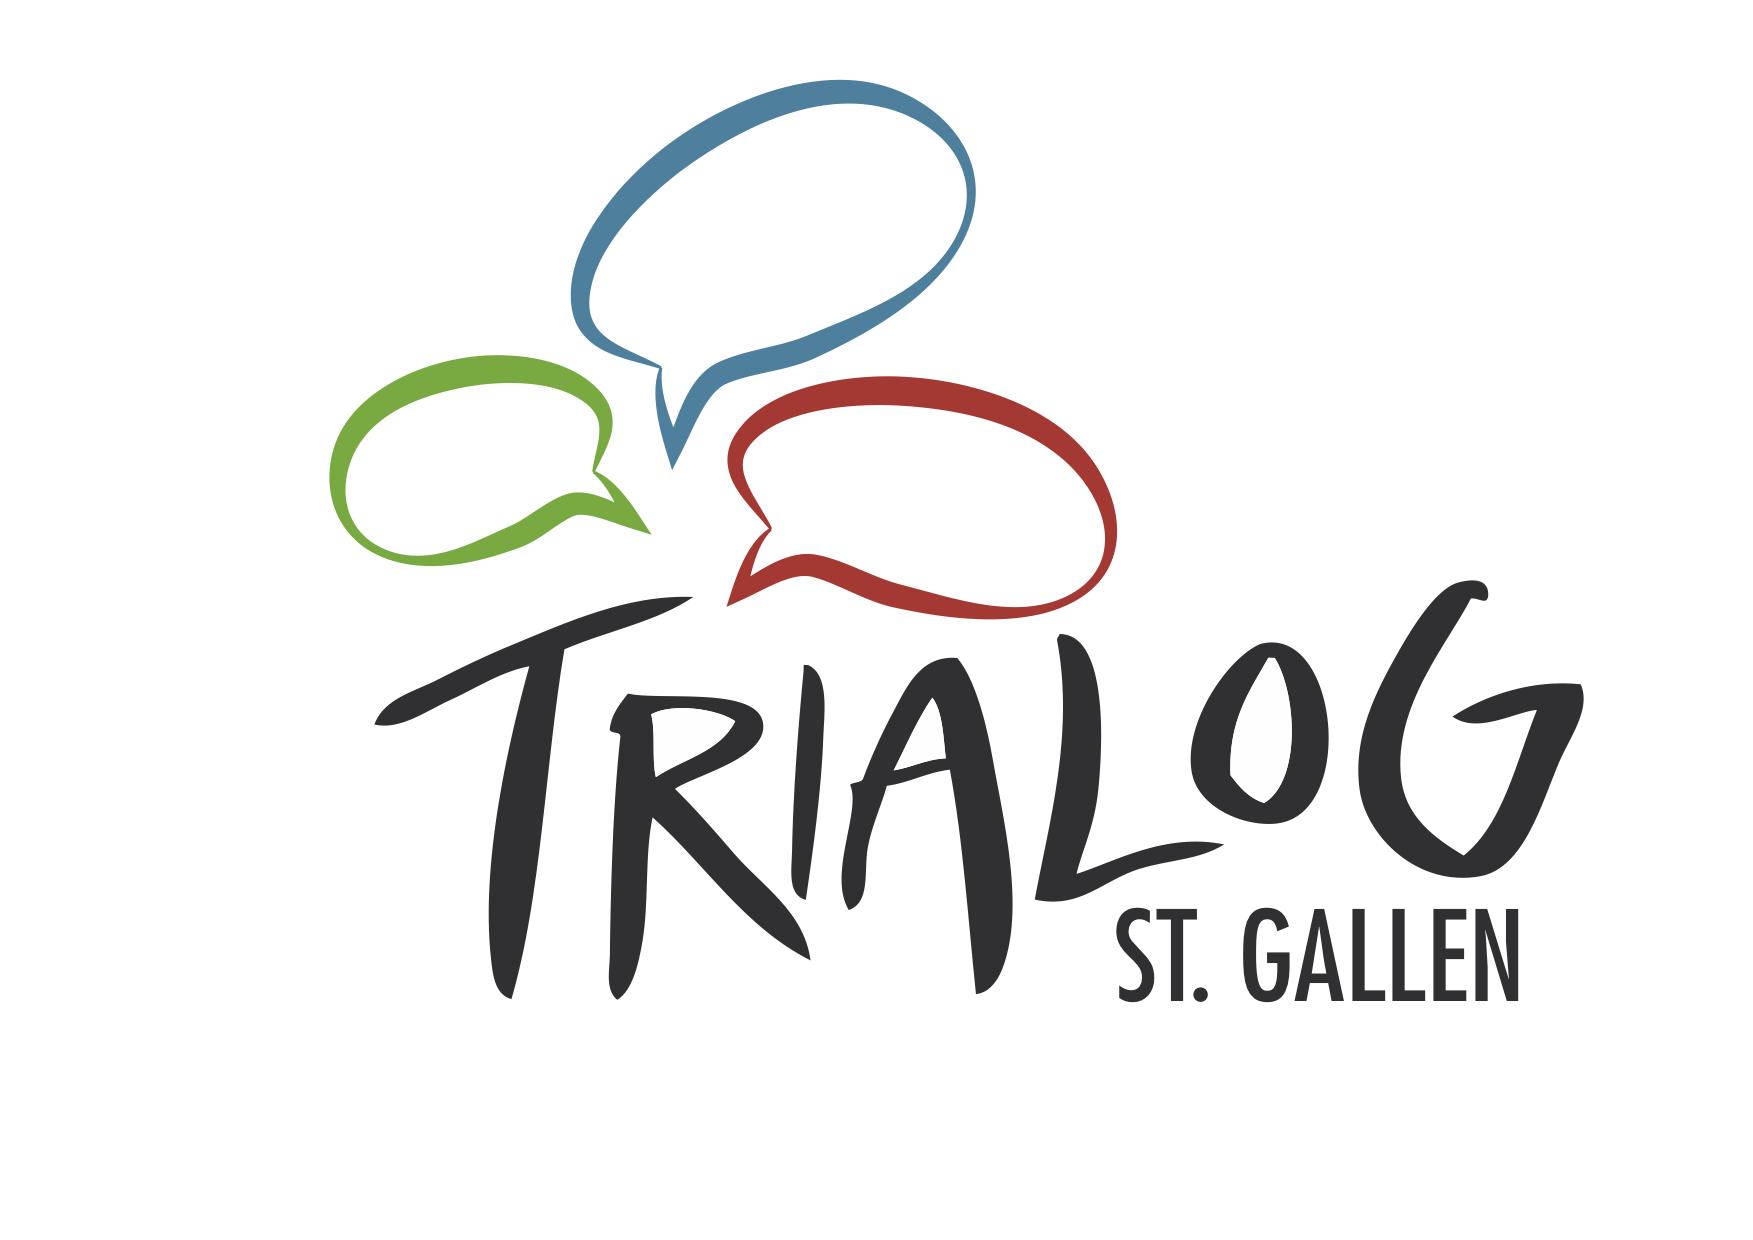 https://recoverycollege-ostschweiz.ch/wp-content/uploads/2020/05/trialog-logo.jpg